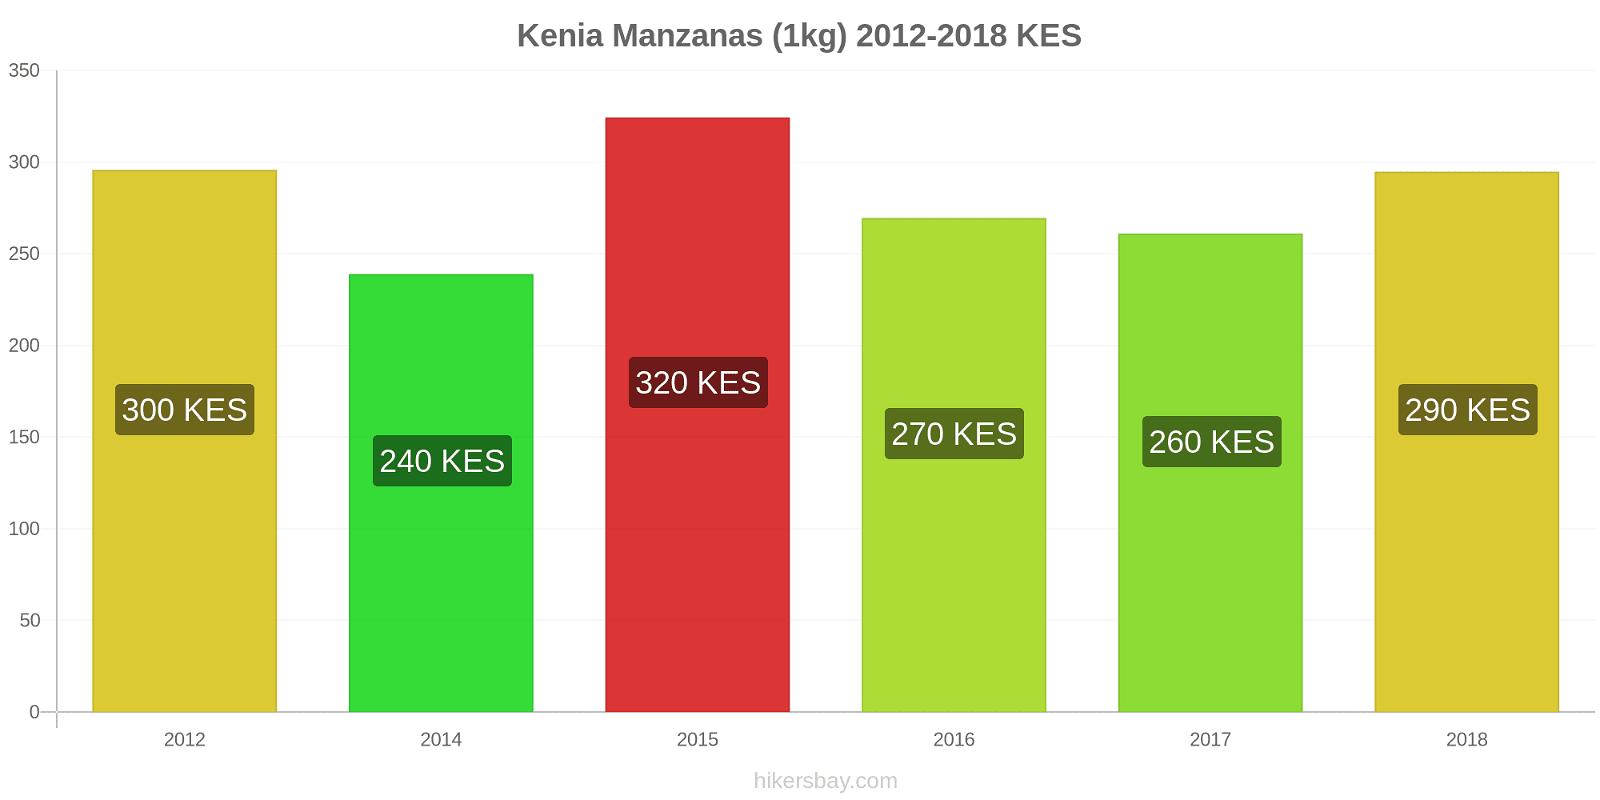 Kenia cambios de precios Manzanas (1kg) hikersbay.com